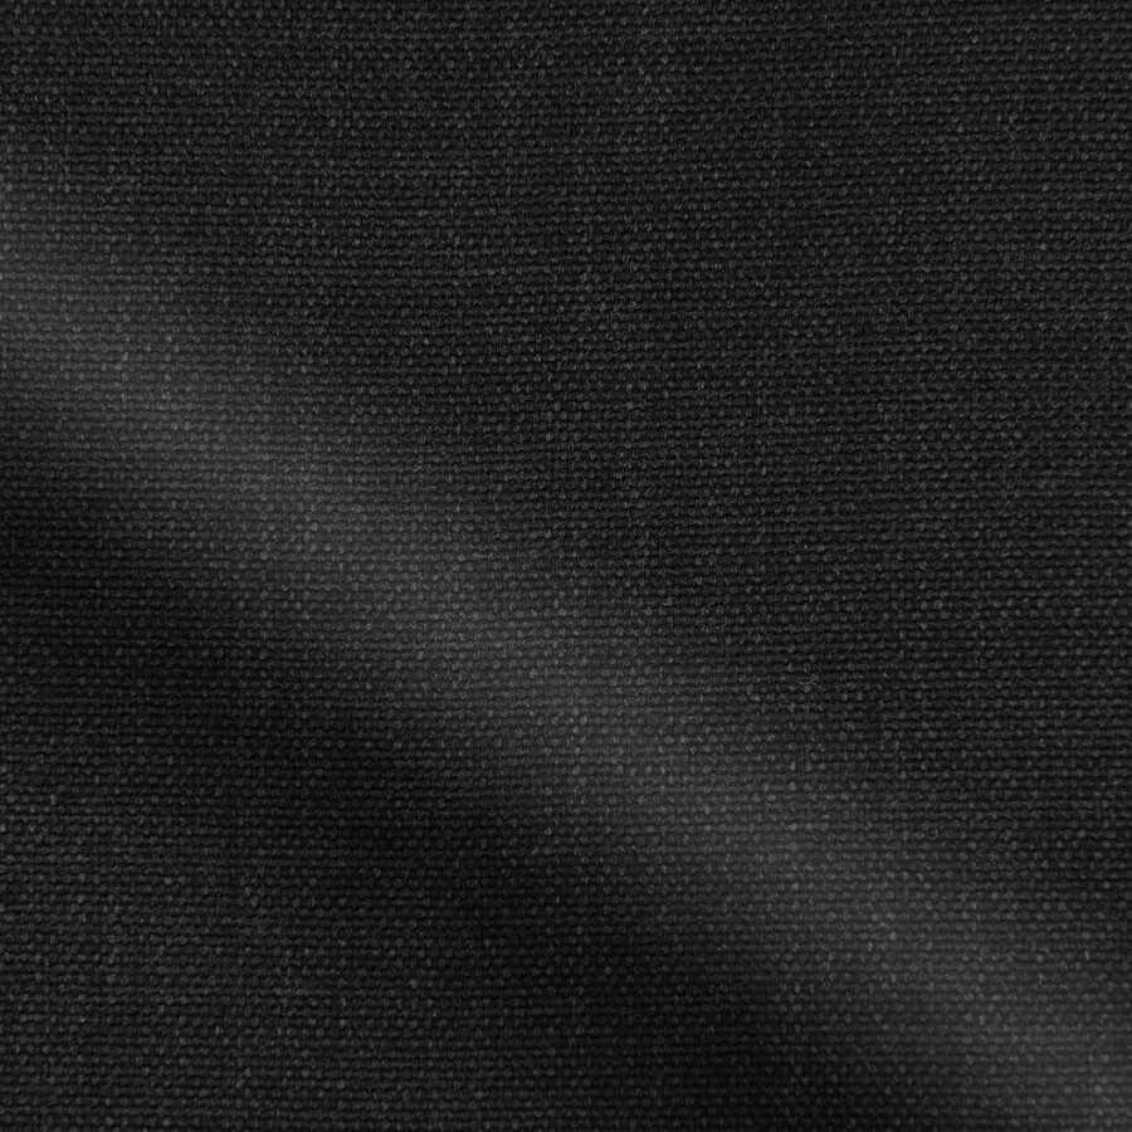 Noir total